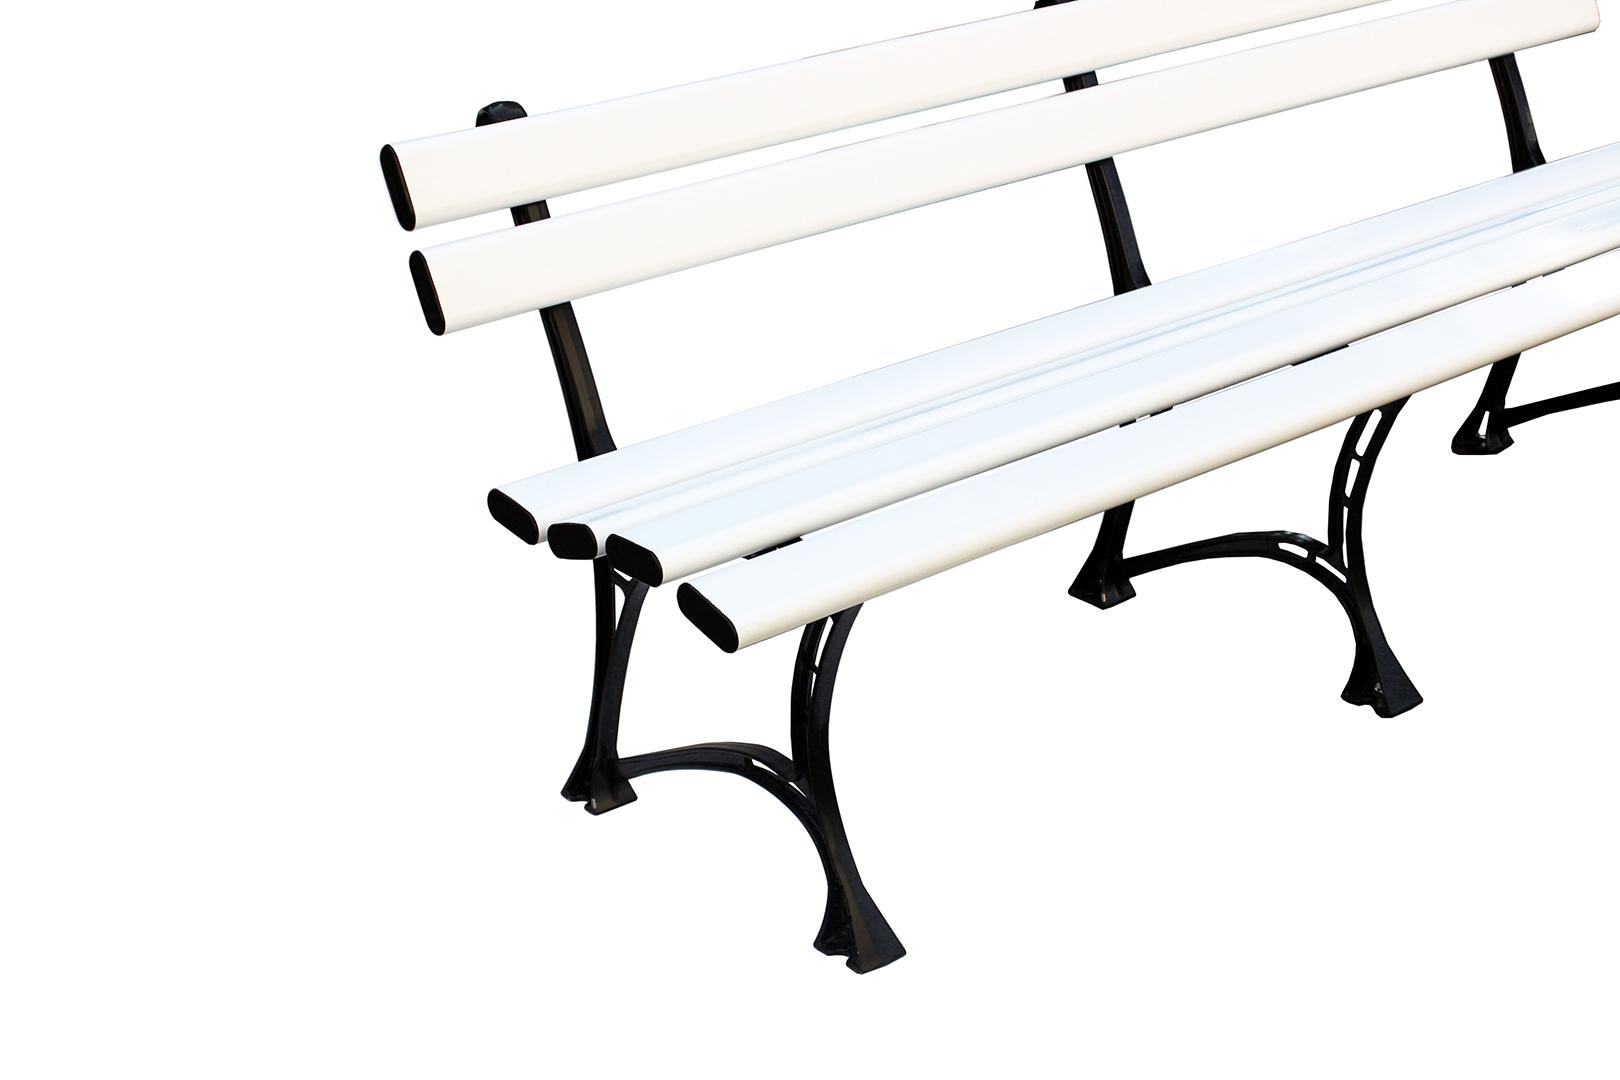 Sitzbank Kunststoff PVC Gartenbank Möbel Außenbereich 200x75x45 cm, HARMONY